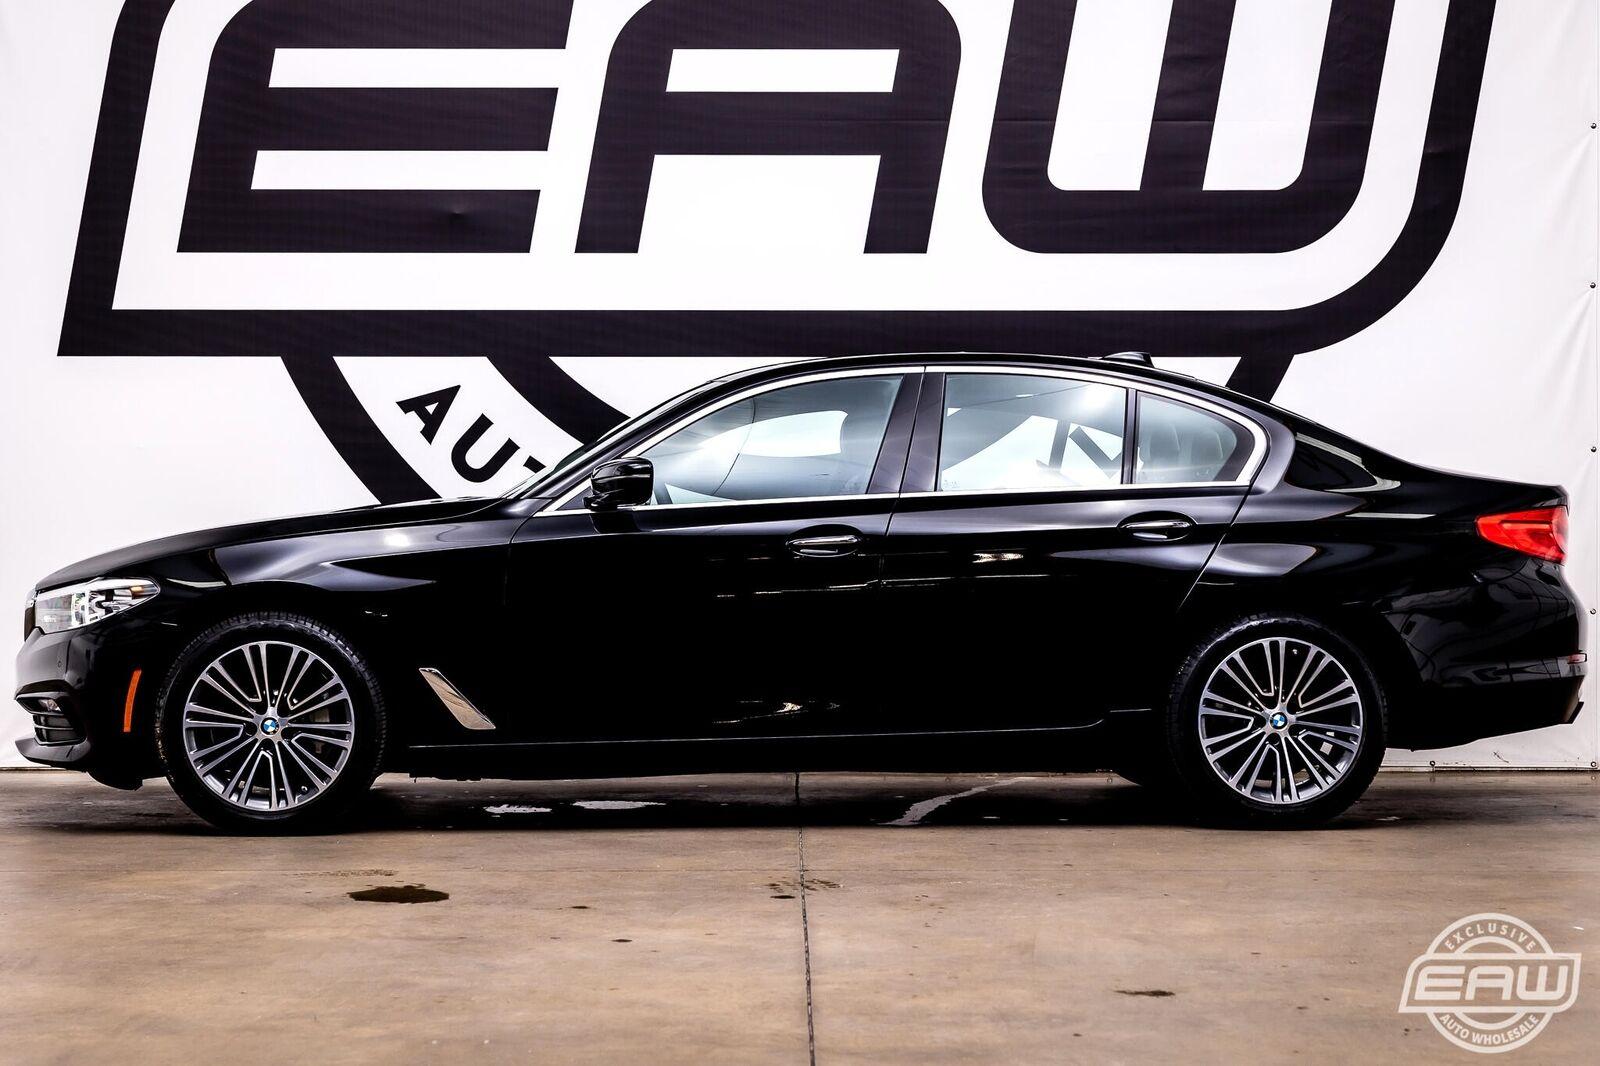 2018 BMW 5 Series 540i Sedan 24218 Miles Black Sedan 3.0L 6 Cylinder Turbo Autom